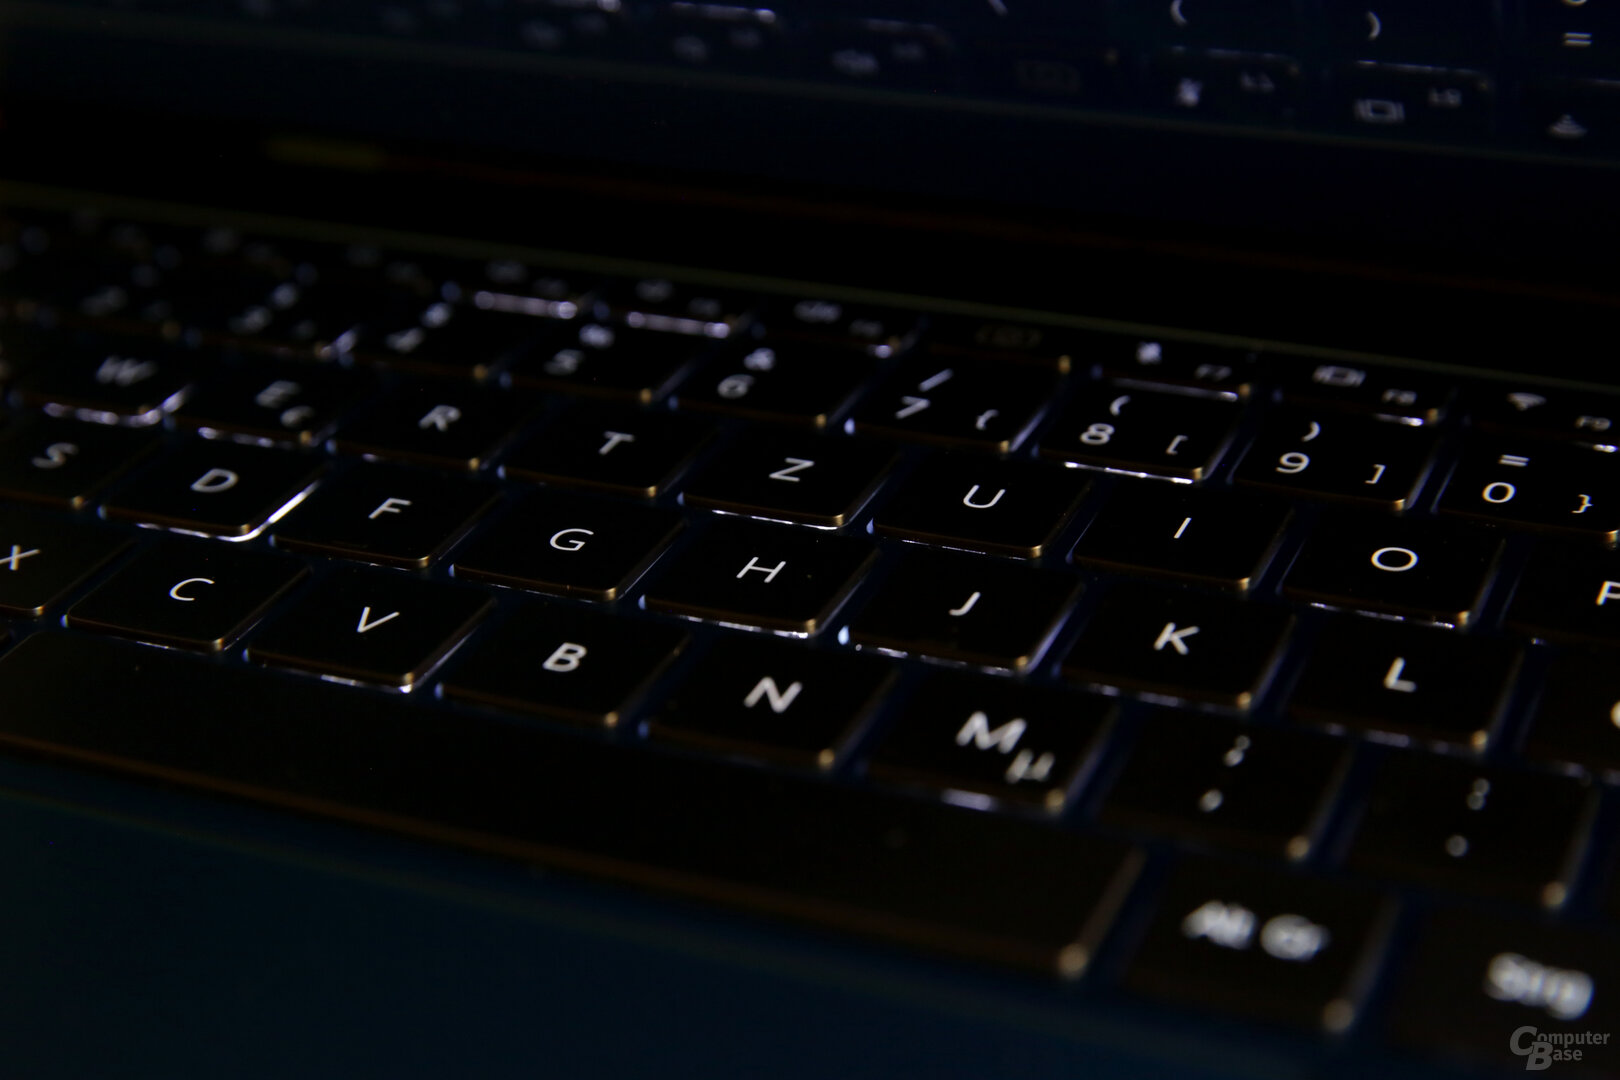 Tastaturbeleuchtung in drei Stufen (aus/mittel/hell)